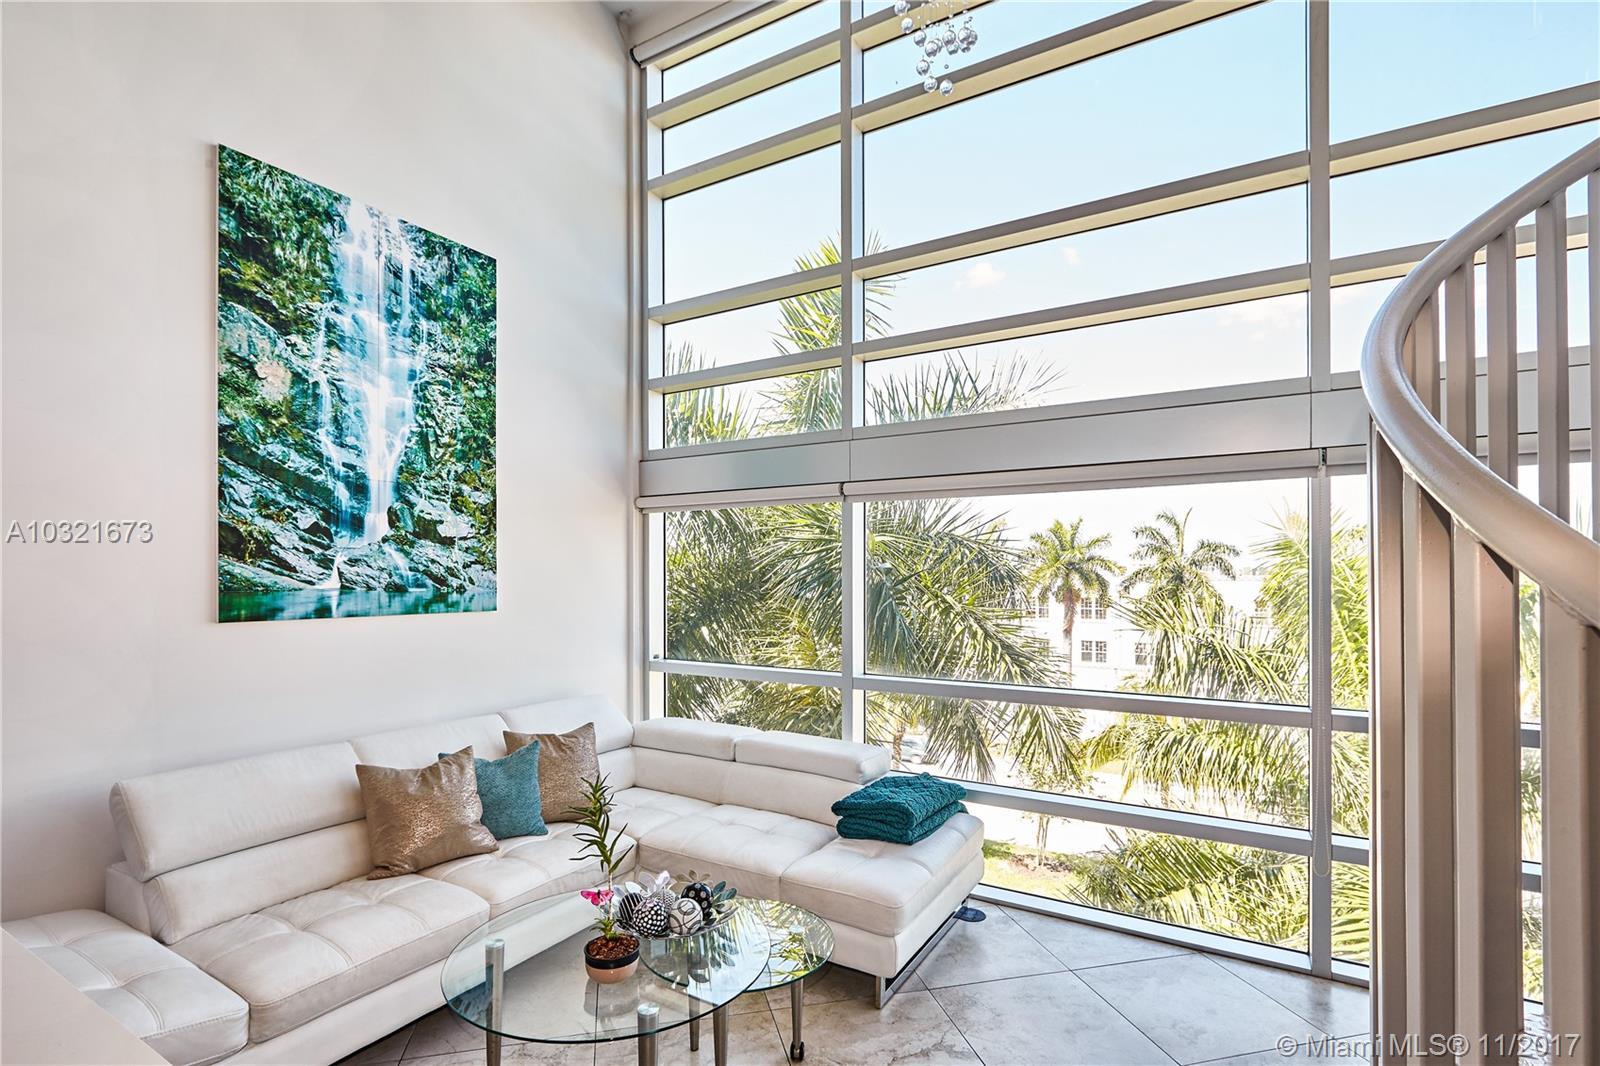 421 Meridian Ave, 16 - Miami Beach, Florida